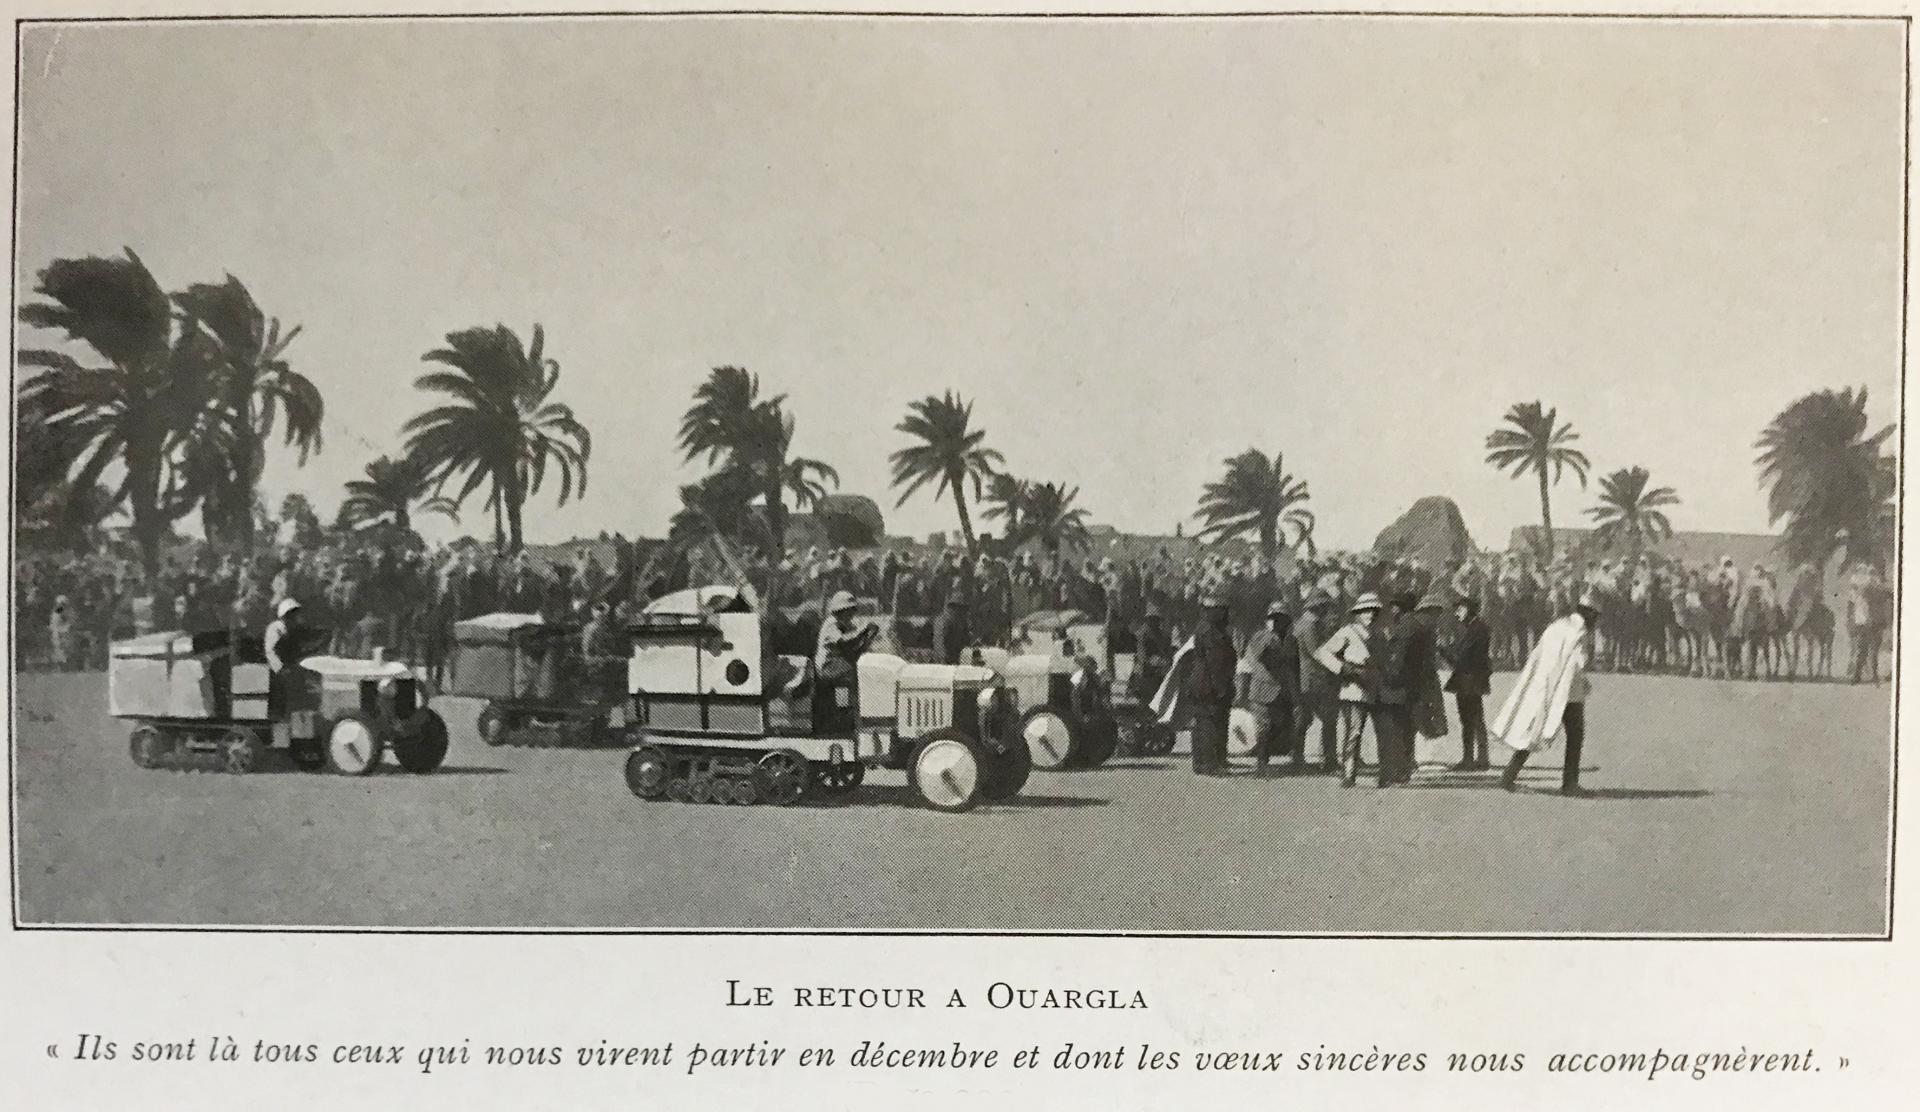 1923 Le retour à Ouargla des autohenilles Citroën